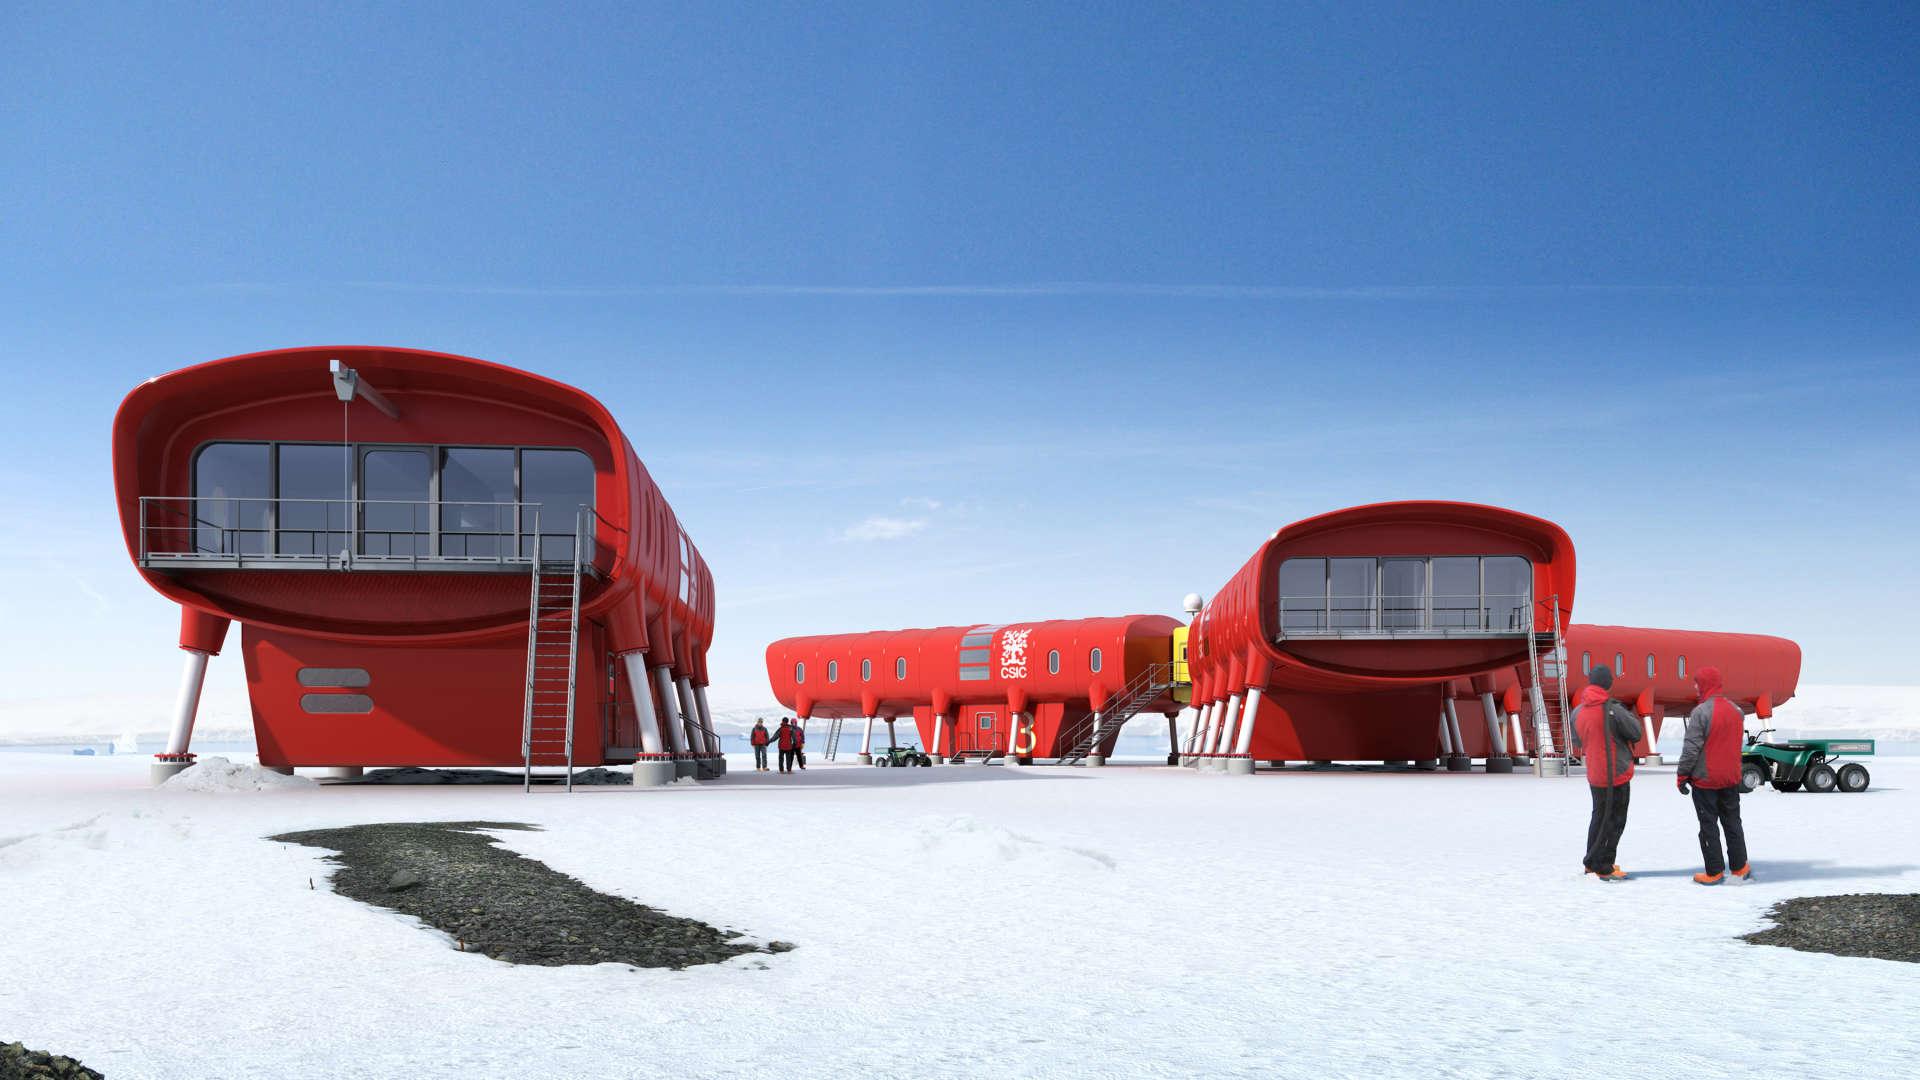 La nouvelle station espagnole Juan Carlos 1 sur la péninsule antarctique, ouverte en 2018.